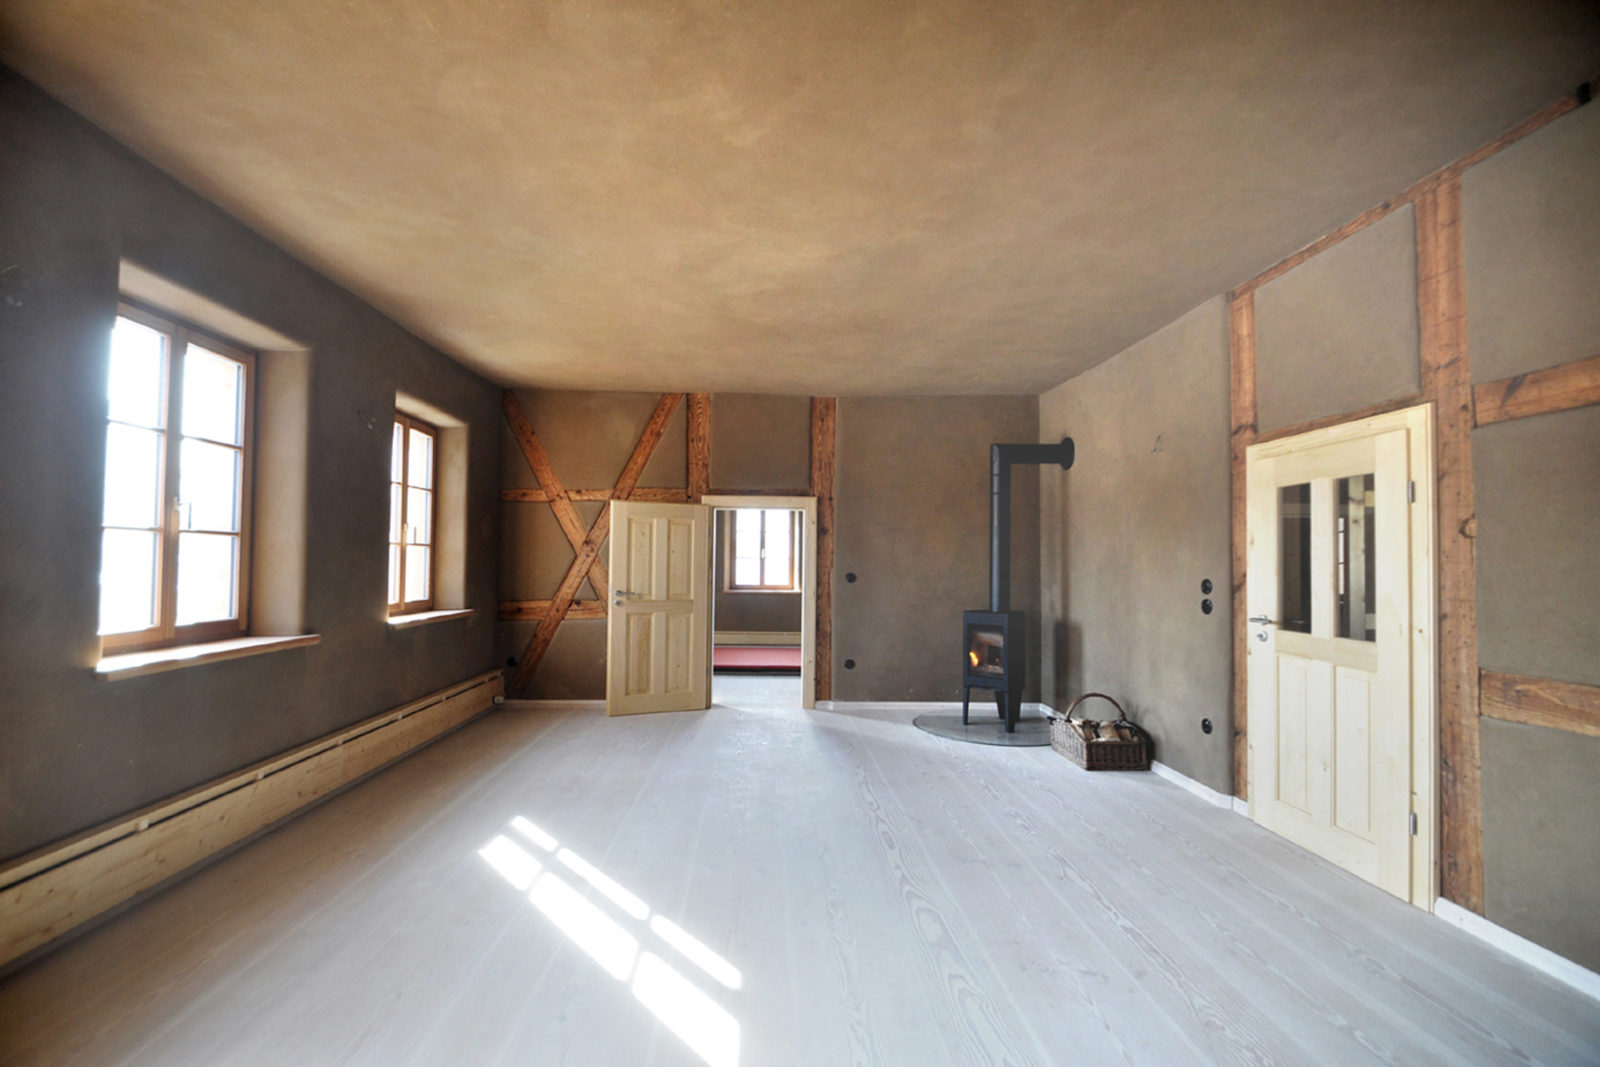 Umbau und Sanierung Baudenkmal Rentmeisterhaus in Püchau - Wohnstube